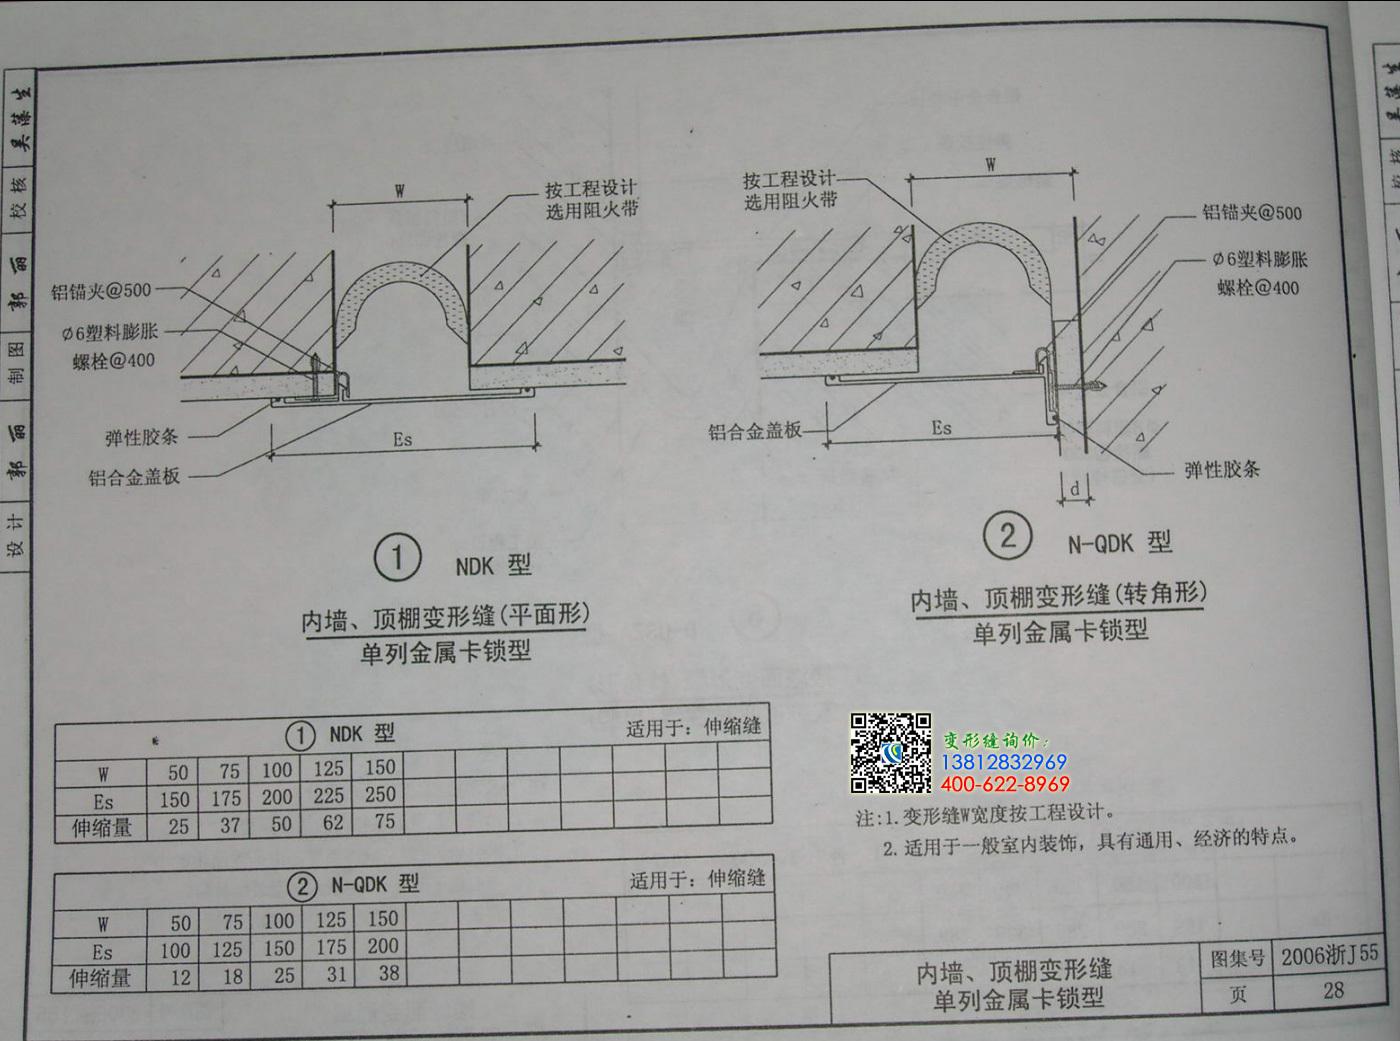 2006浙j55变形缝图集第28页